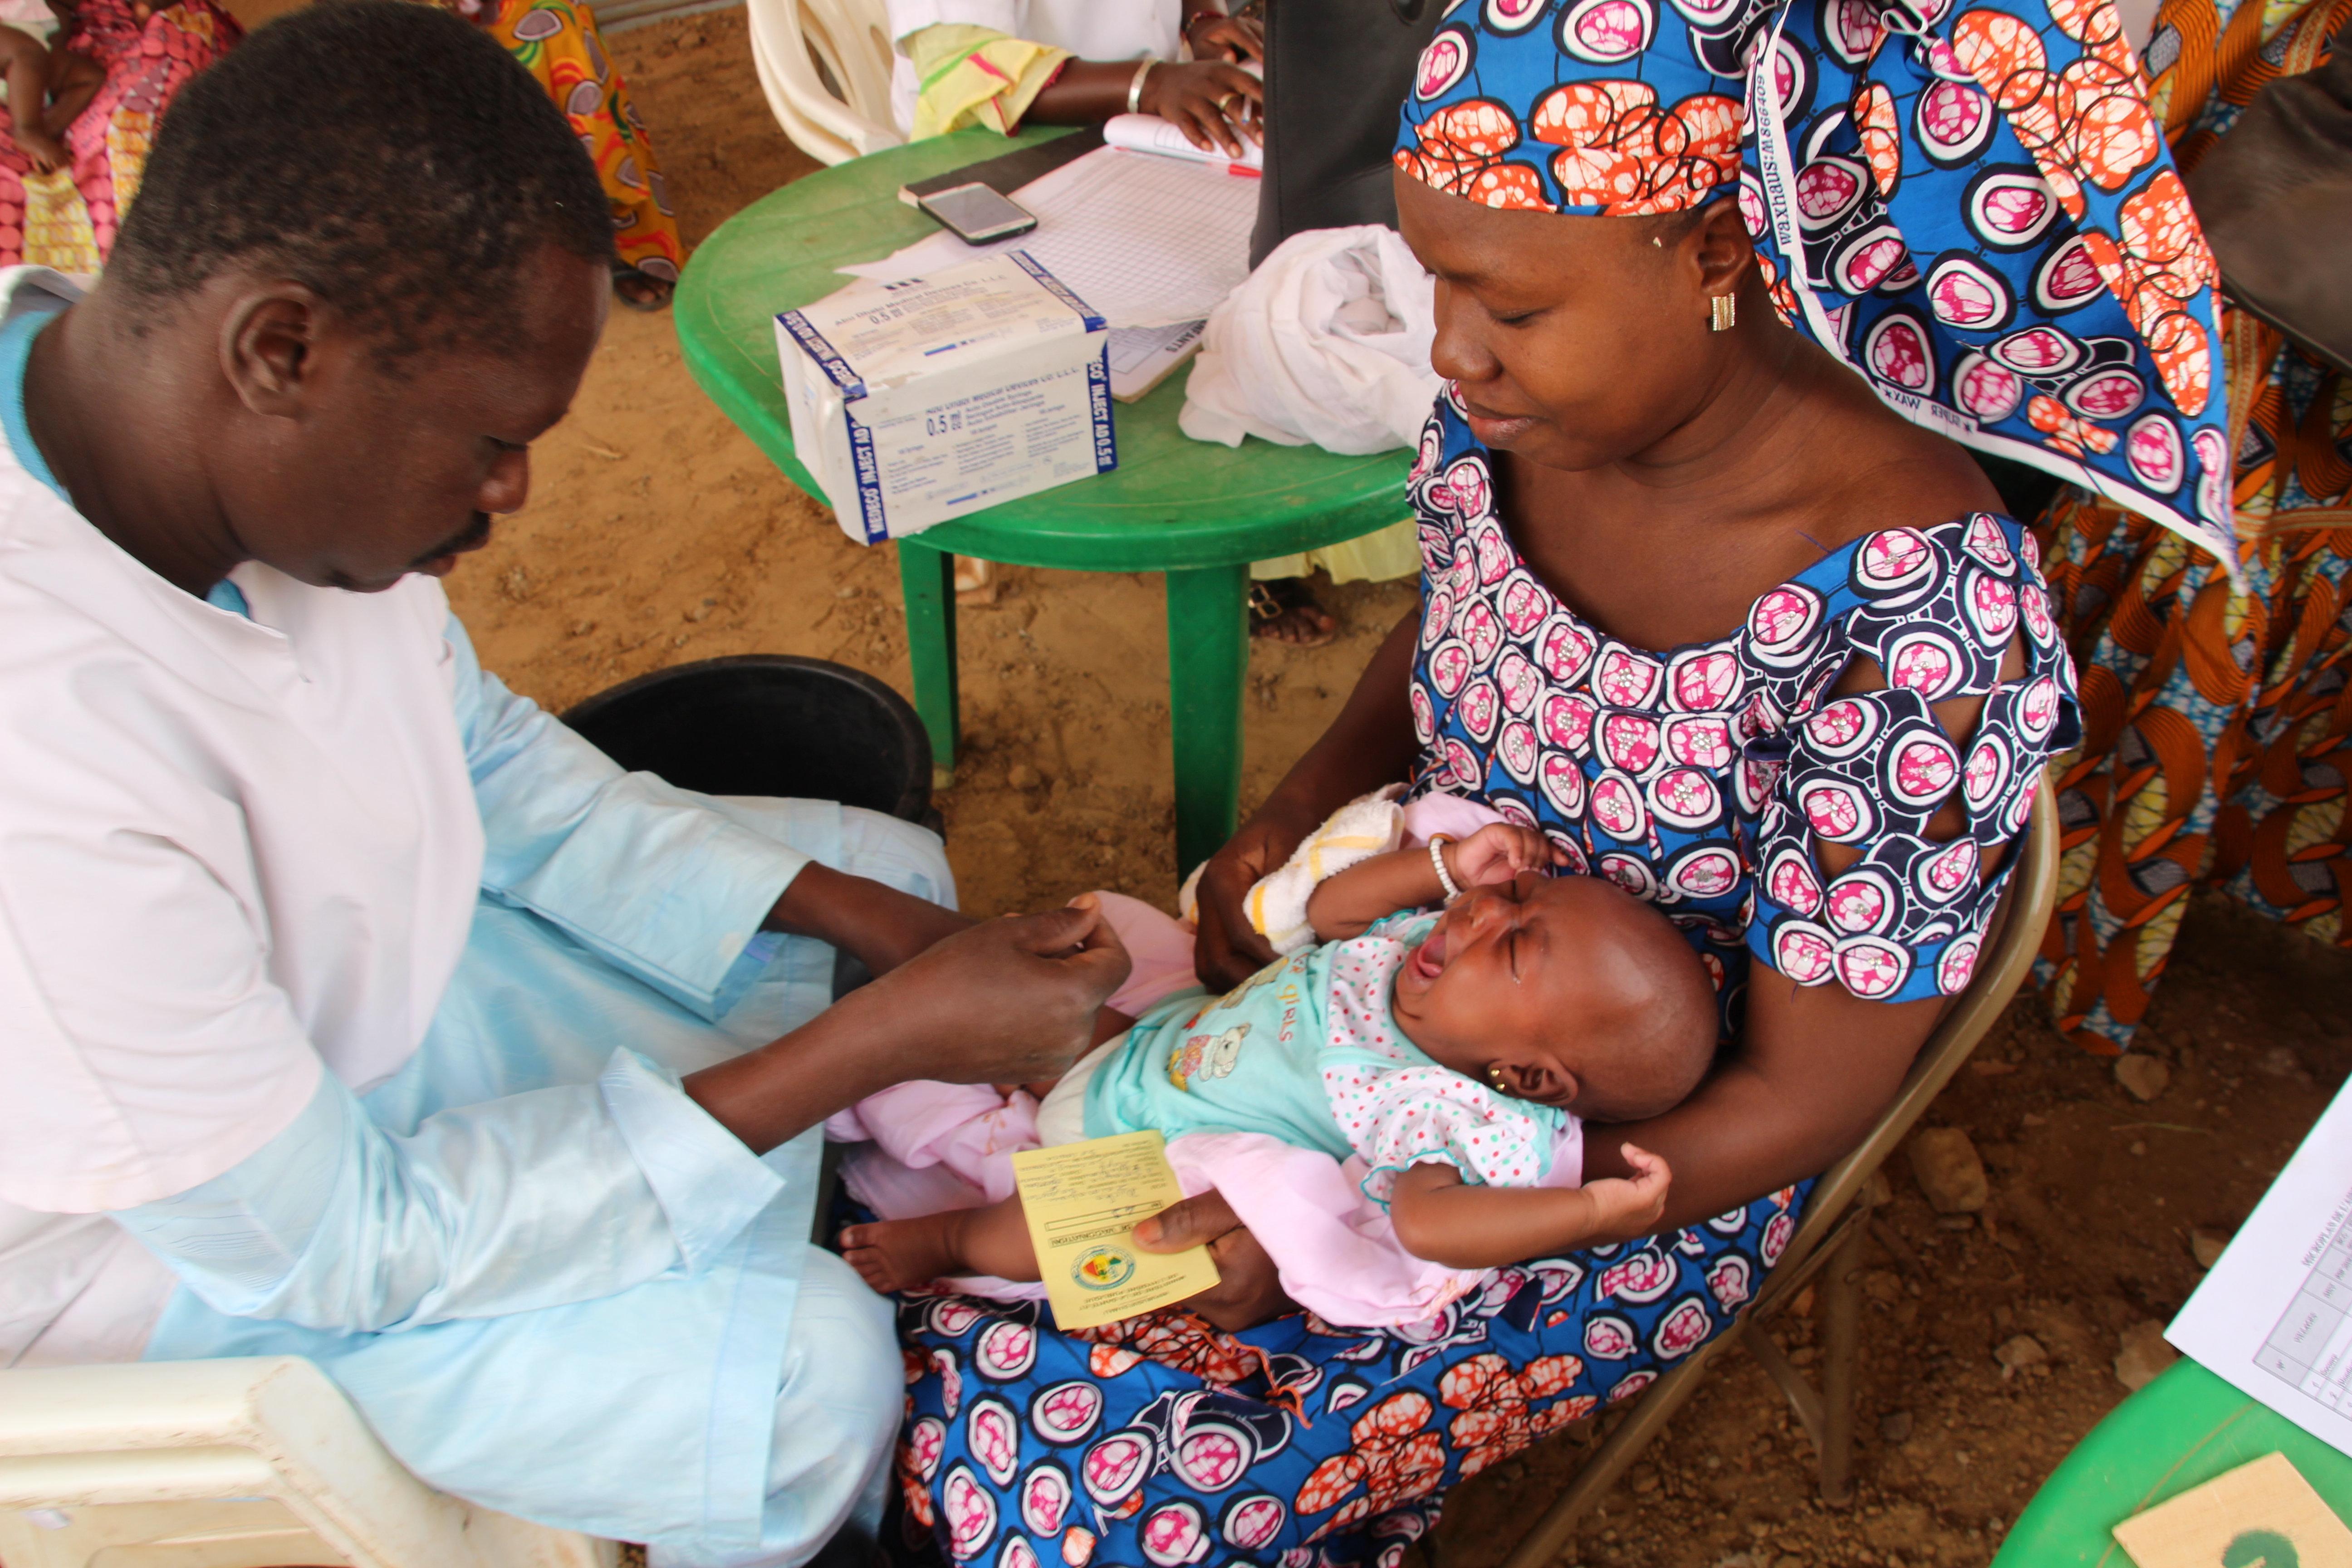 Eine junge Mutter hält ihr schreiendes Baby auf dem Schoss während ein Mitarbeiter eines Gesundheitszentrums...